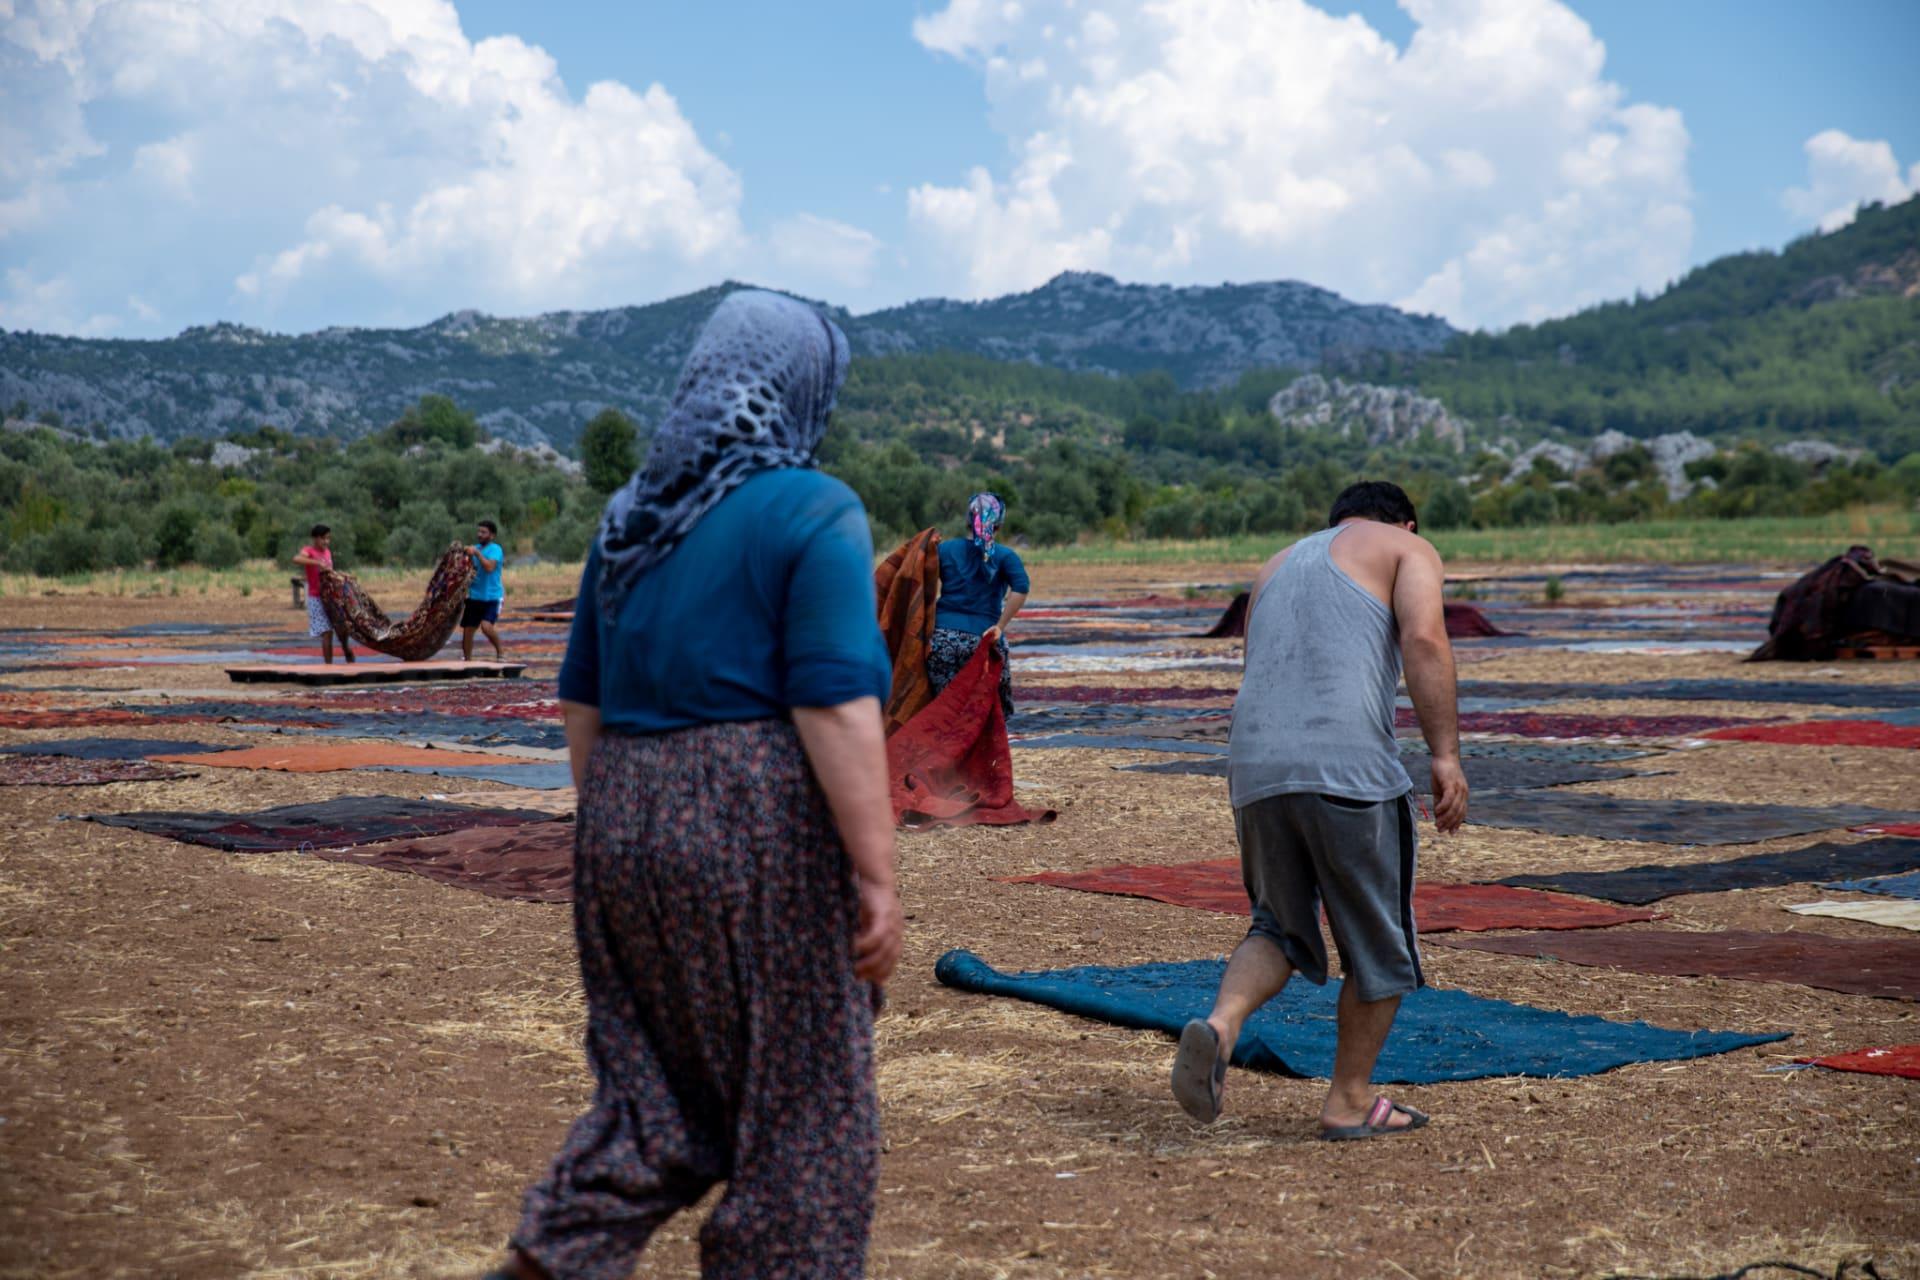 حقول السجاد بتركيا.. تقليد فريد يزين الحقول الخضراء بألوان زاهية مع قدوم الصيف